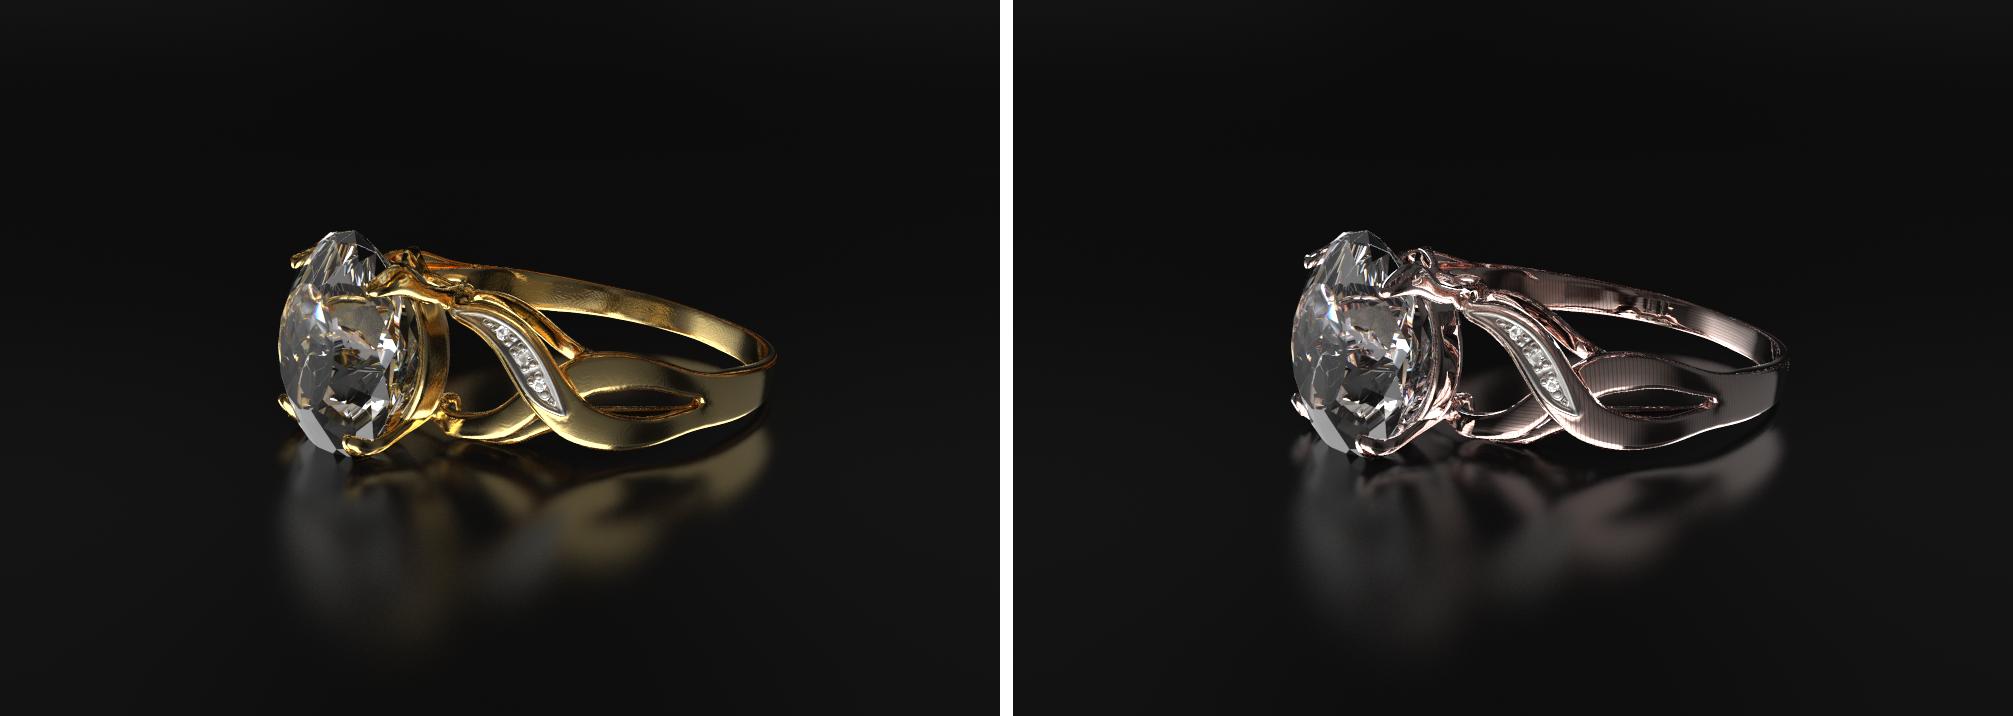 Vizualizacija prstana